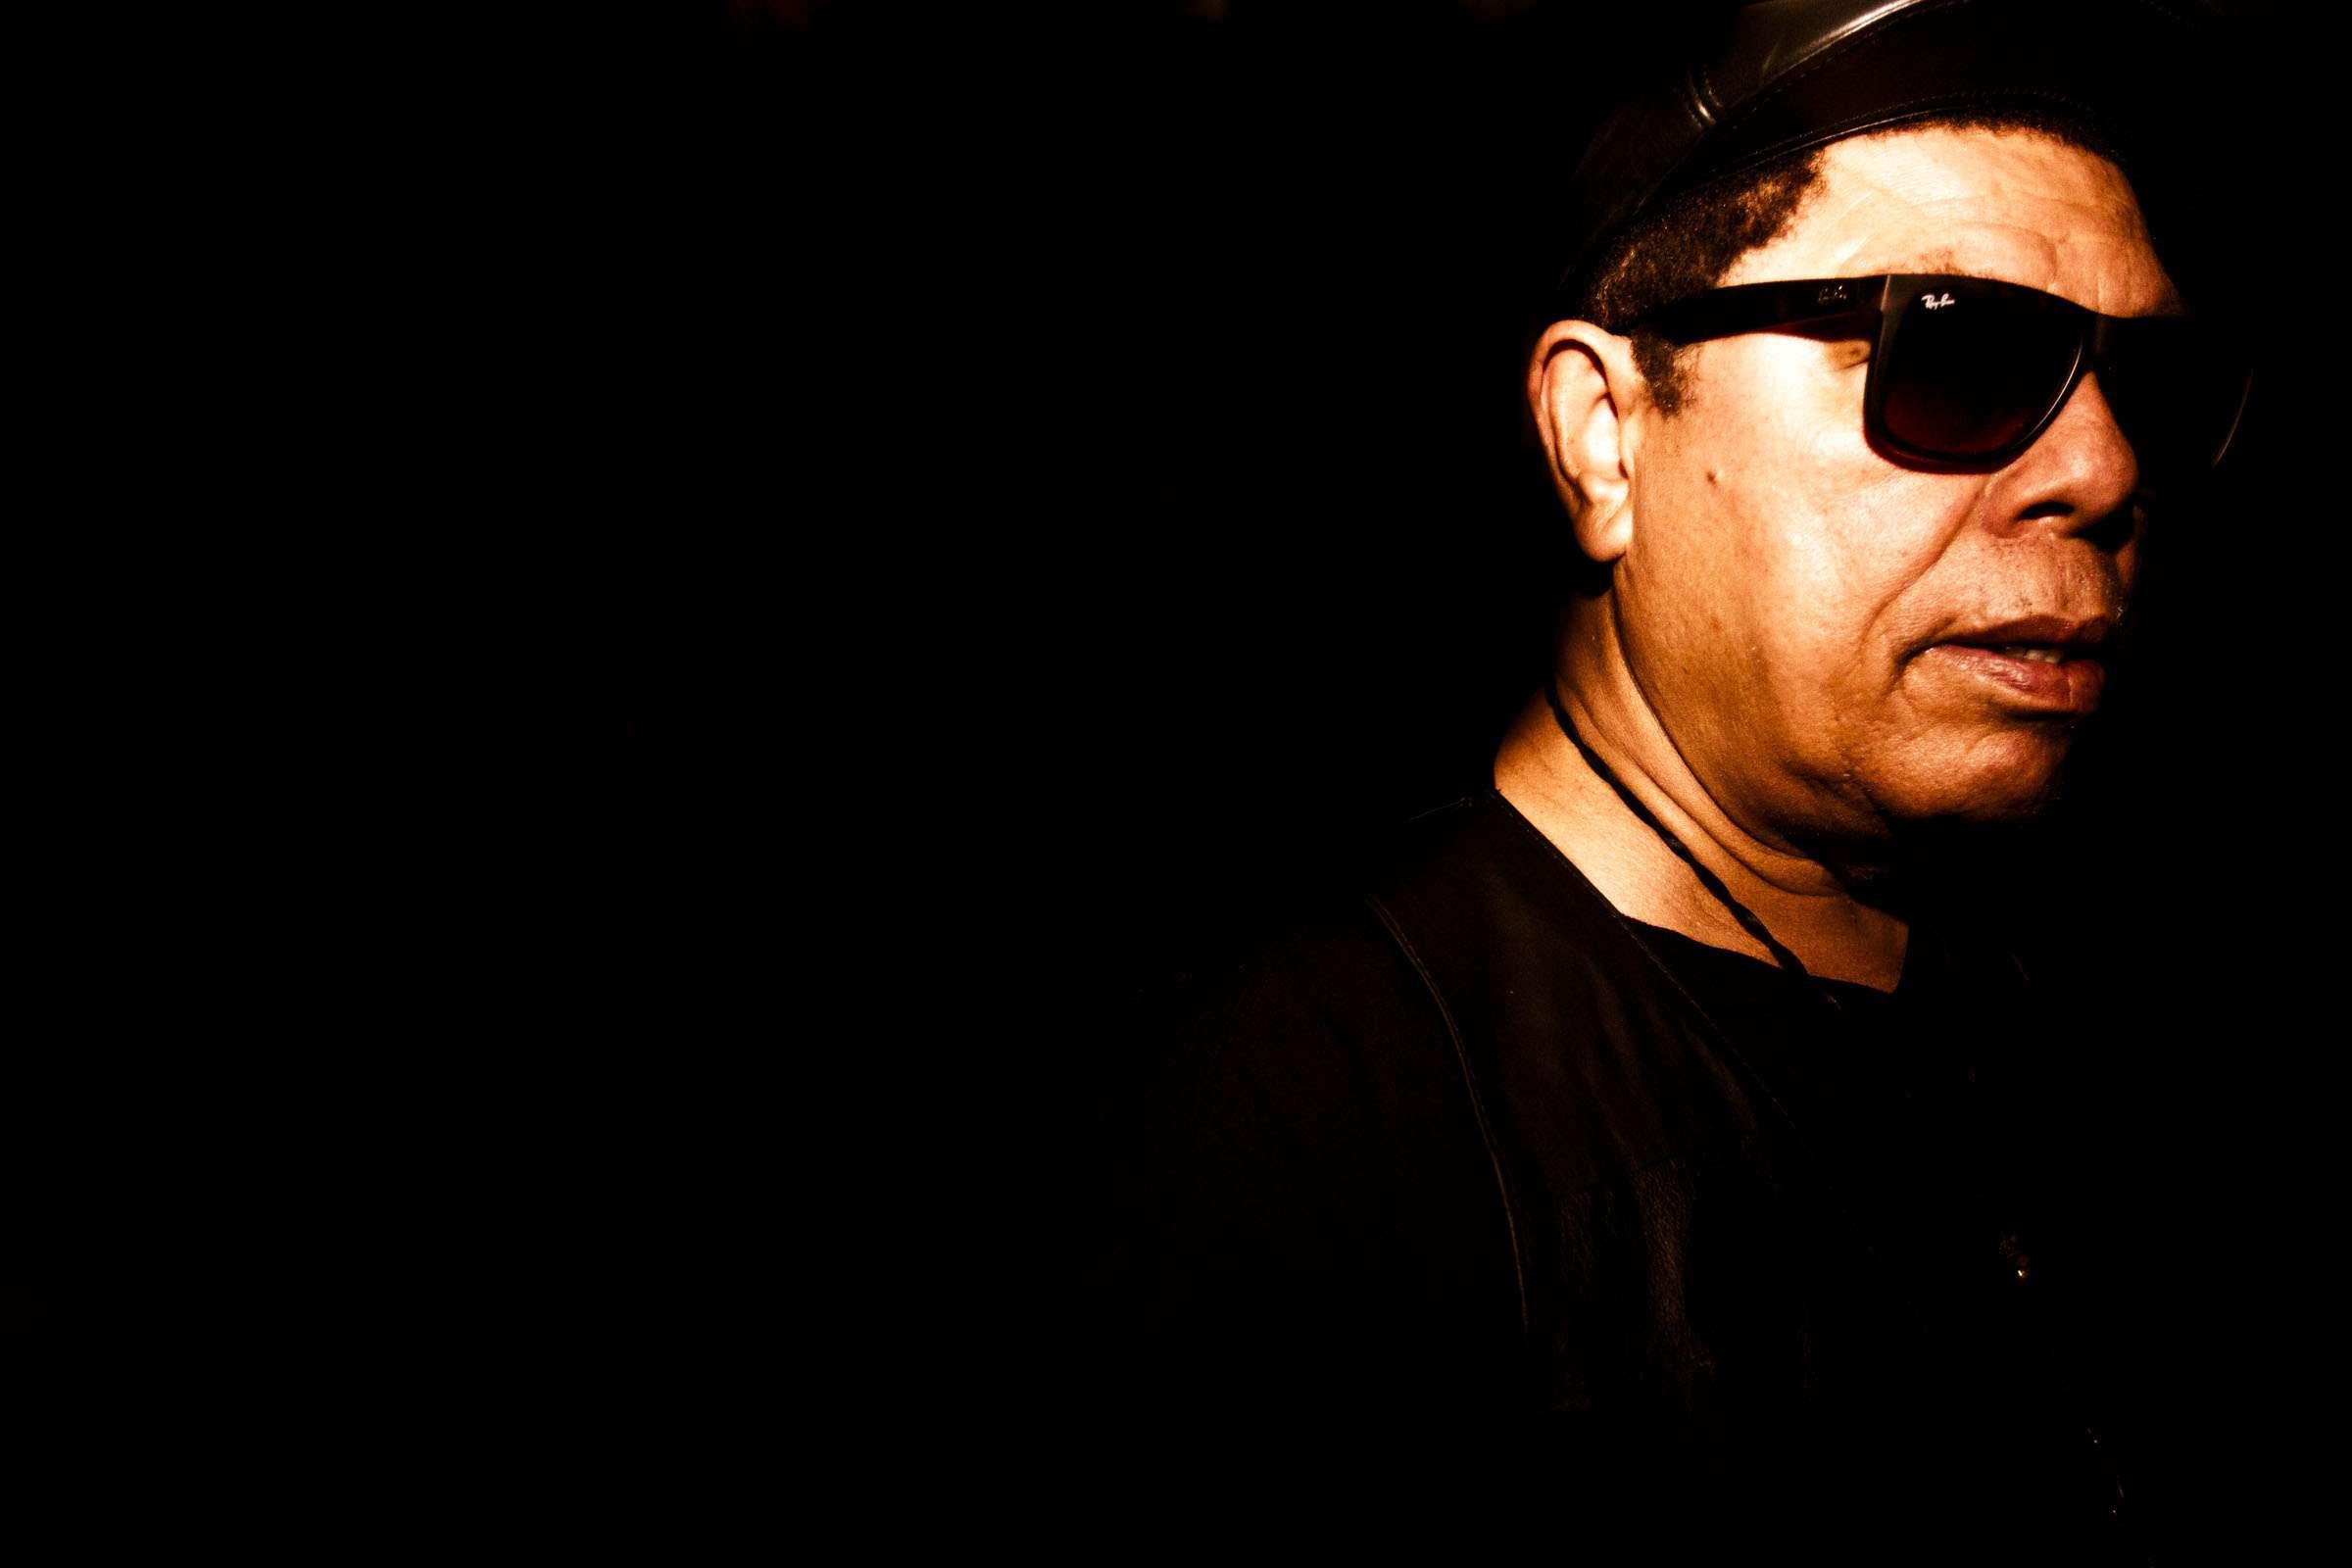 Di Melo é um dos principais nomes da black music brasileira